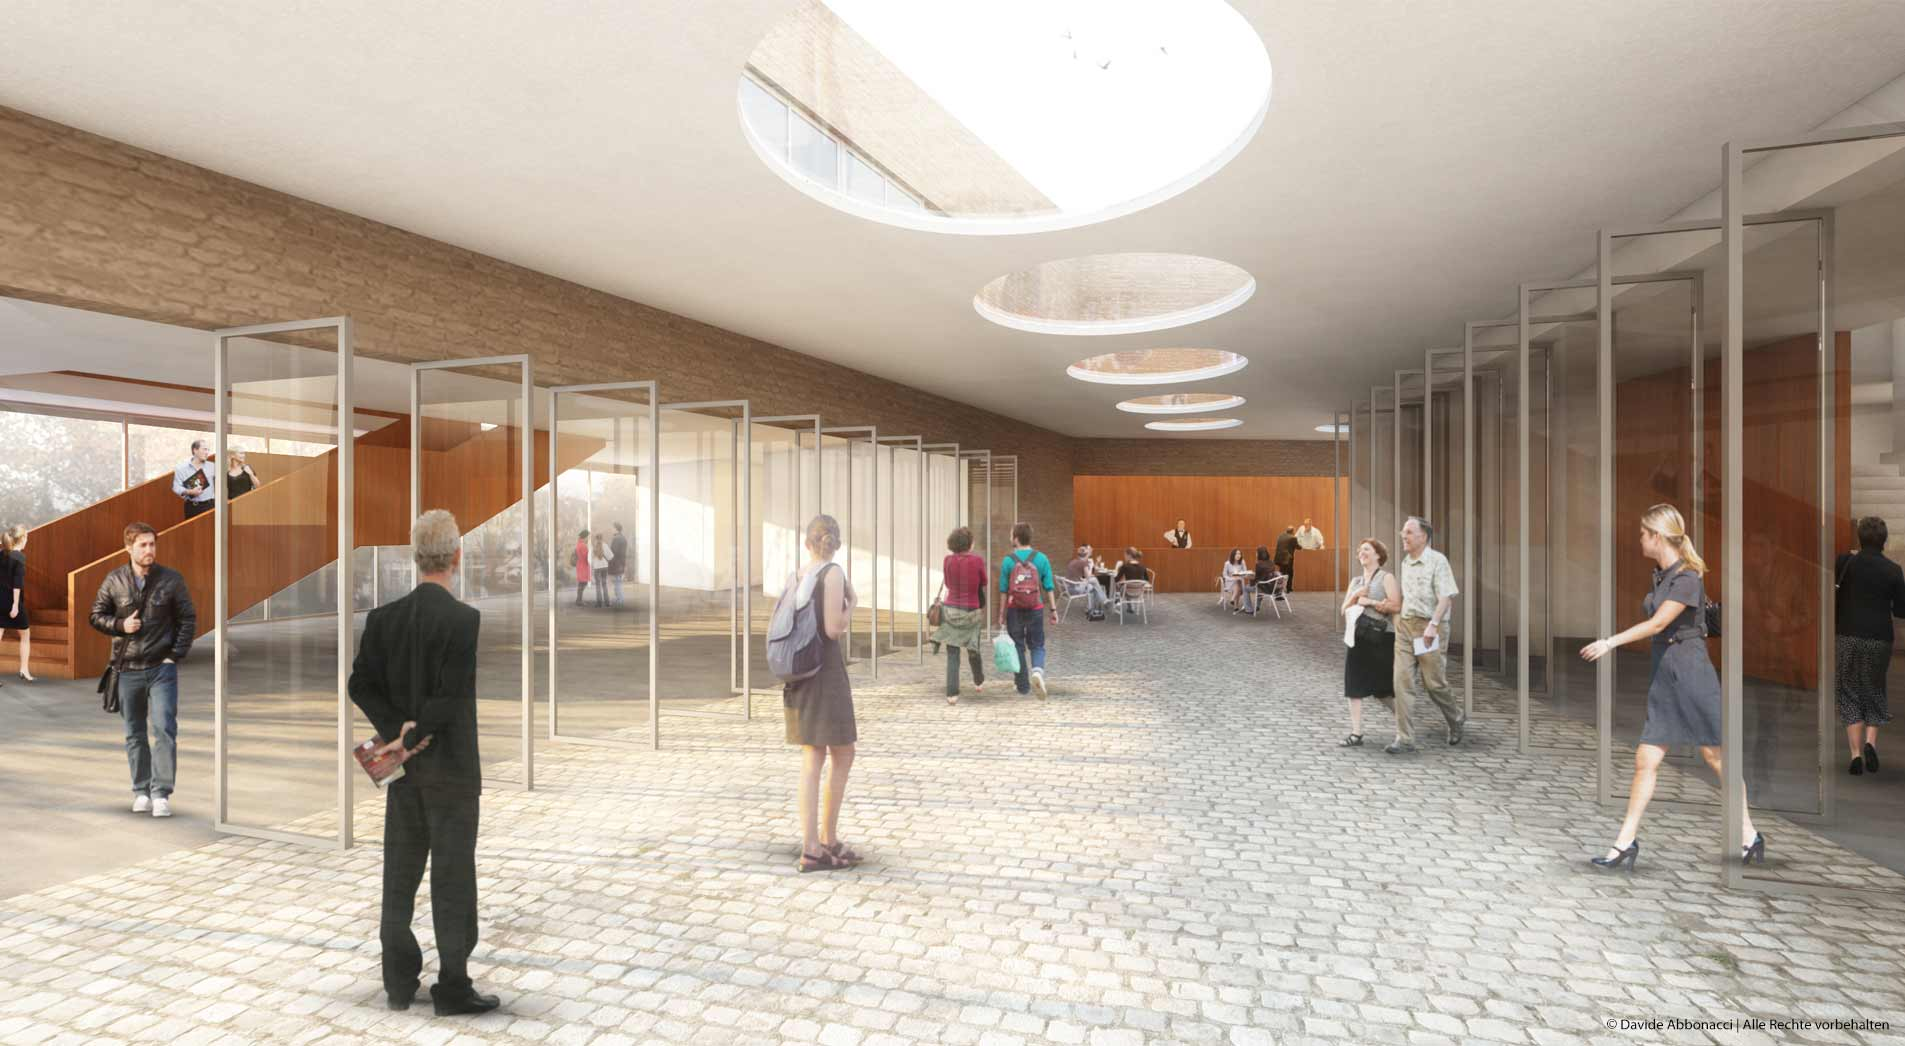 Bernauer Platz und Neubau Bürgerhaus, Bensheim | Ruf+Partner Architekten | 2012 Wettbewerbsvisualisierung | Anerkennung